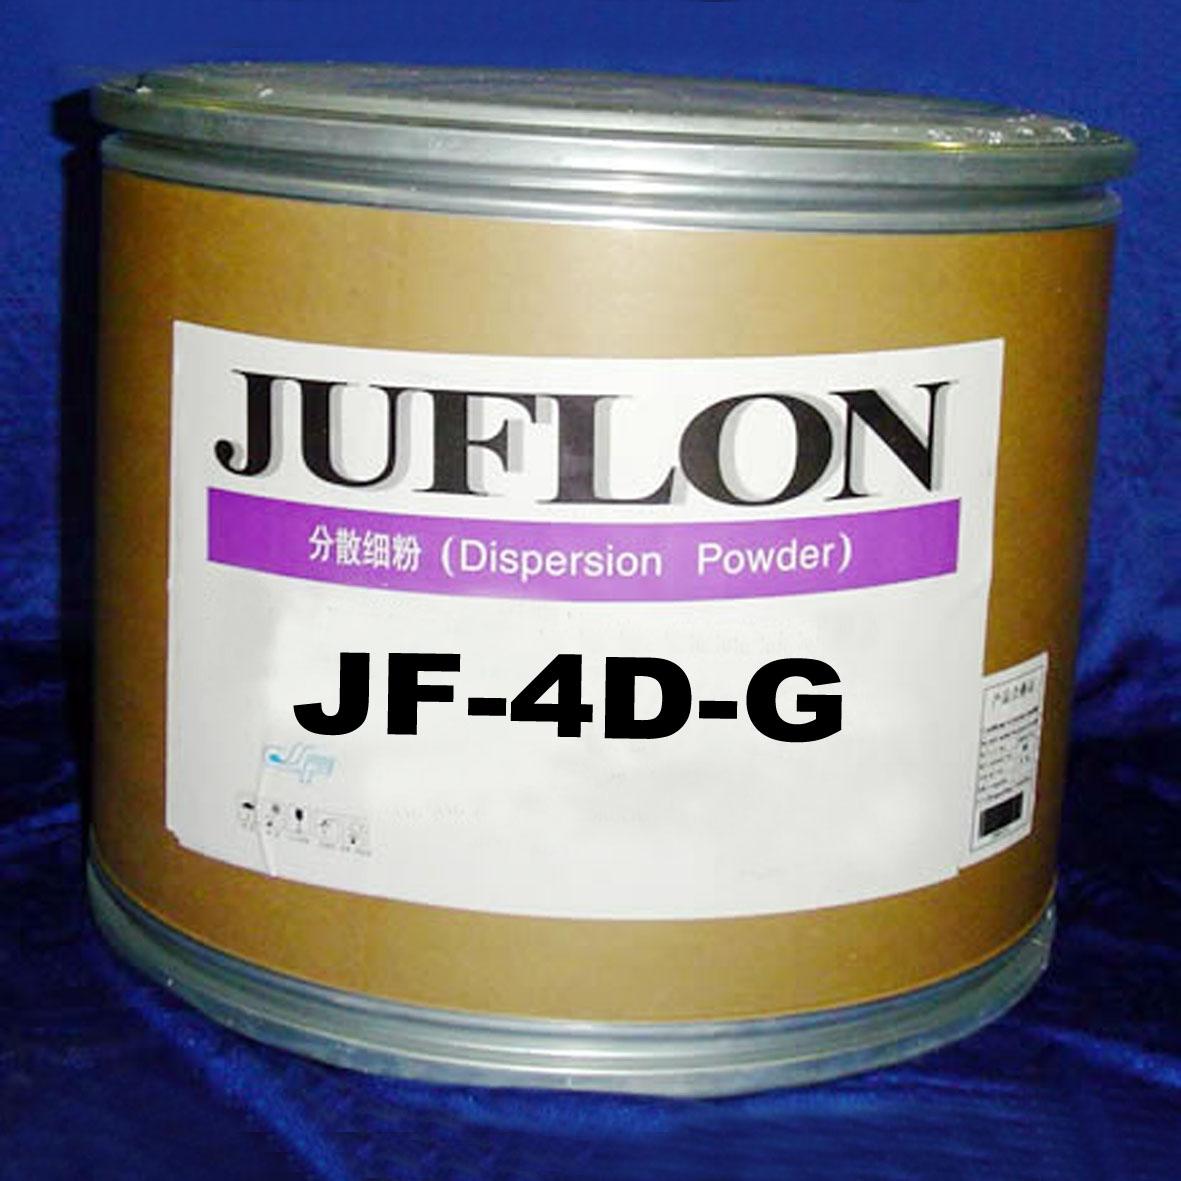 聚四氟乙烯分散细粉树脂(JF-4D-G)